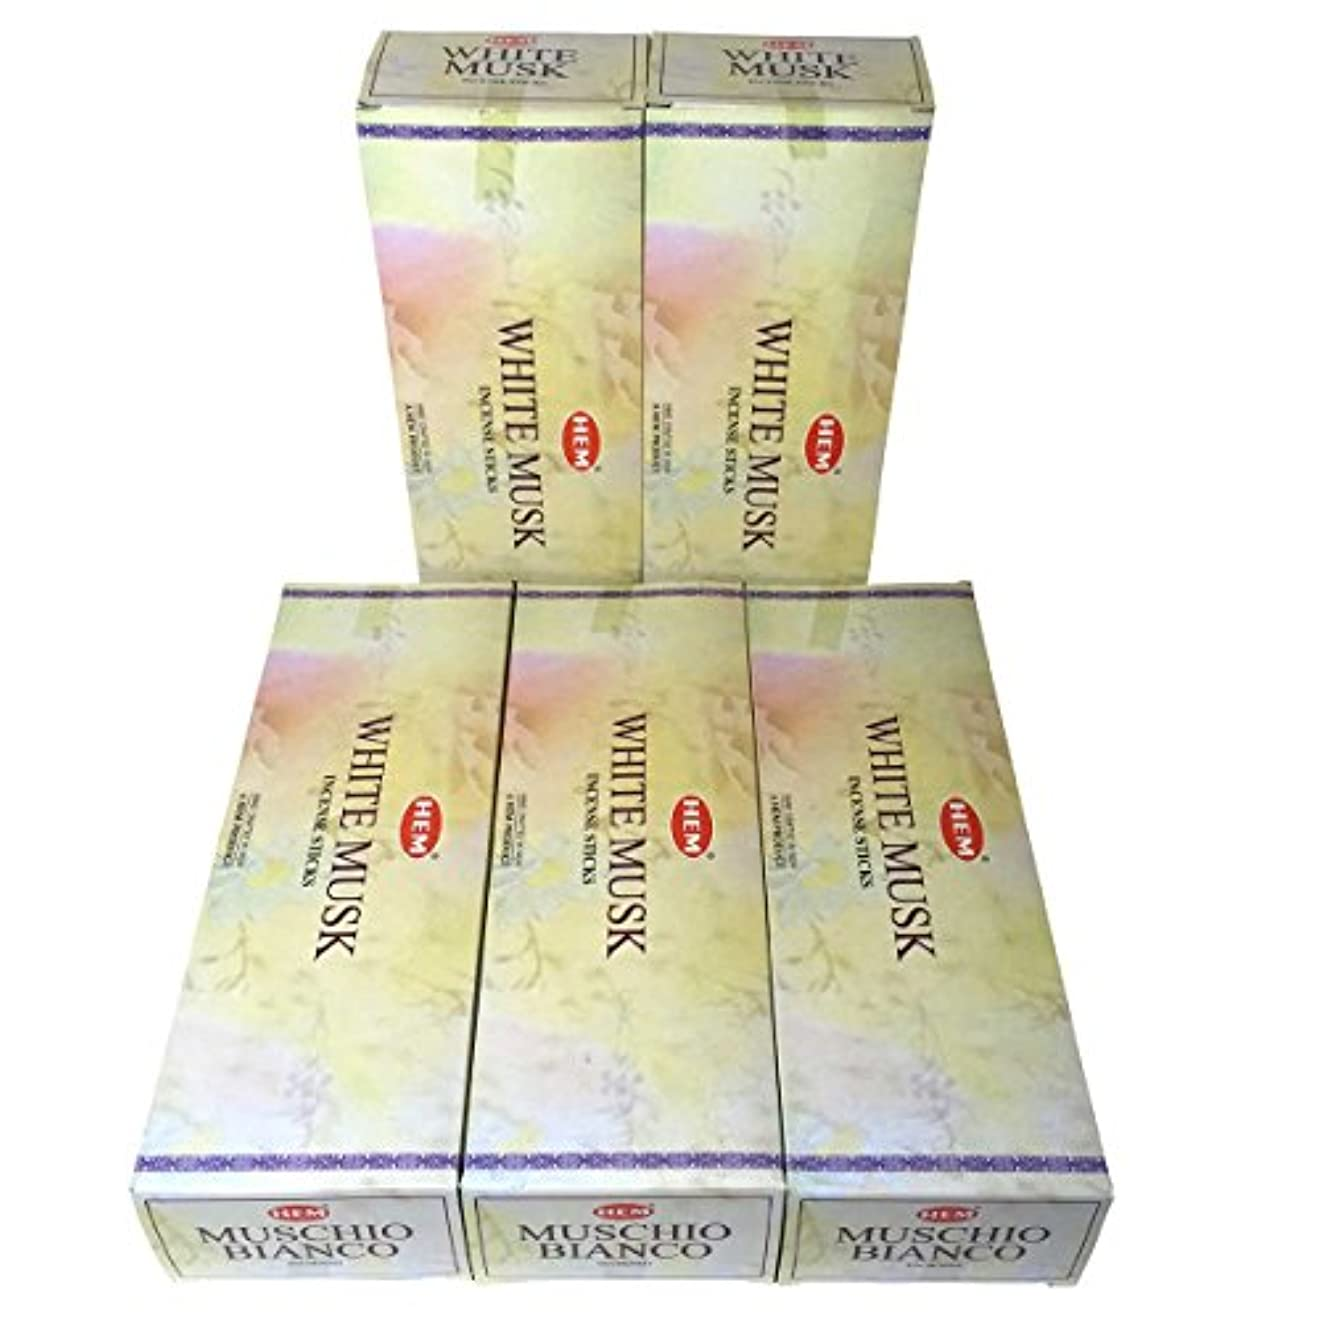 荷物栄光の始めるHEM ホワイトムスク香 スティック 5BOX(30箱)/HEM WHITE MUSK/ インド香 / 送料無料 [並行輸入品]